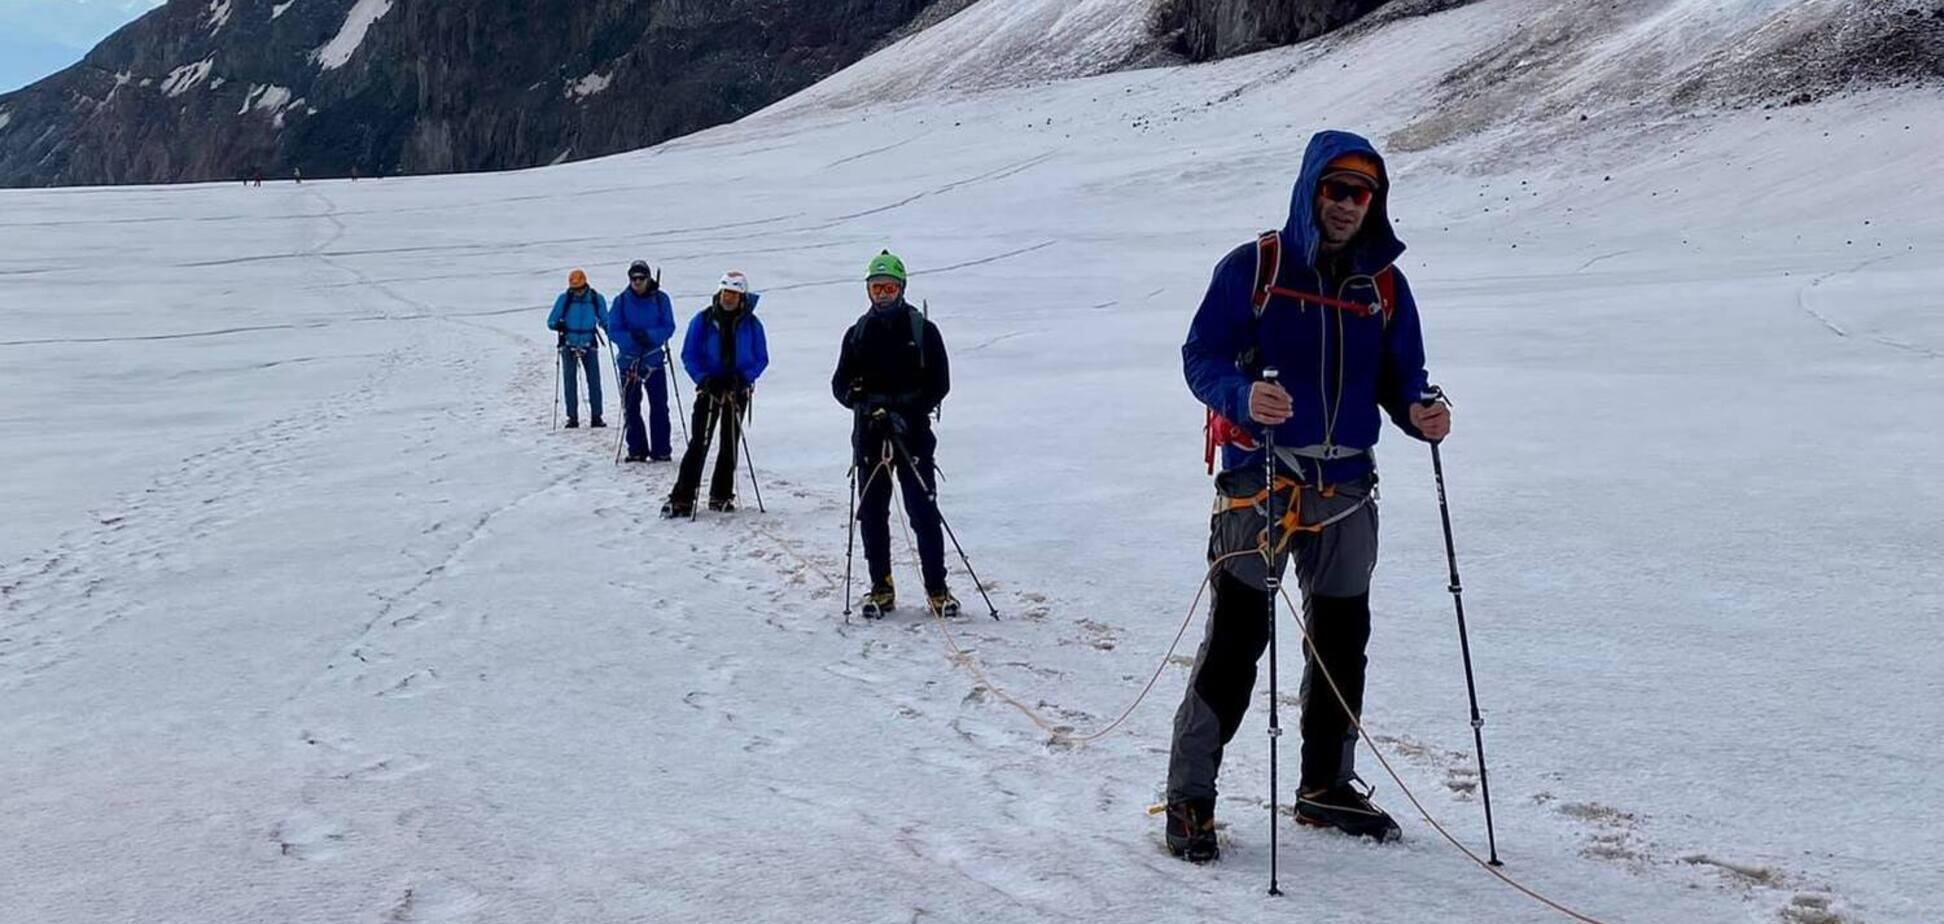 Кличко совершил уникальное восхождение на гору Казбек. Фото